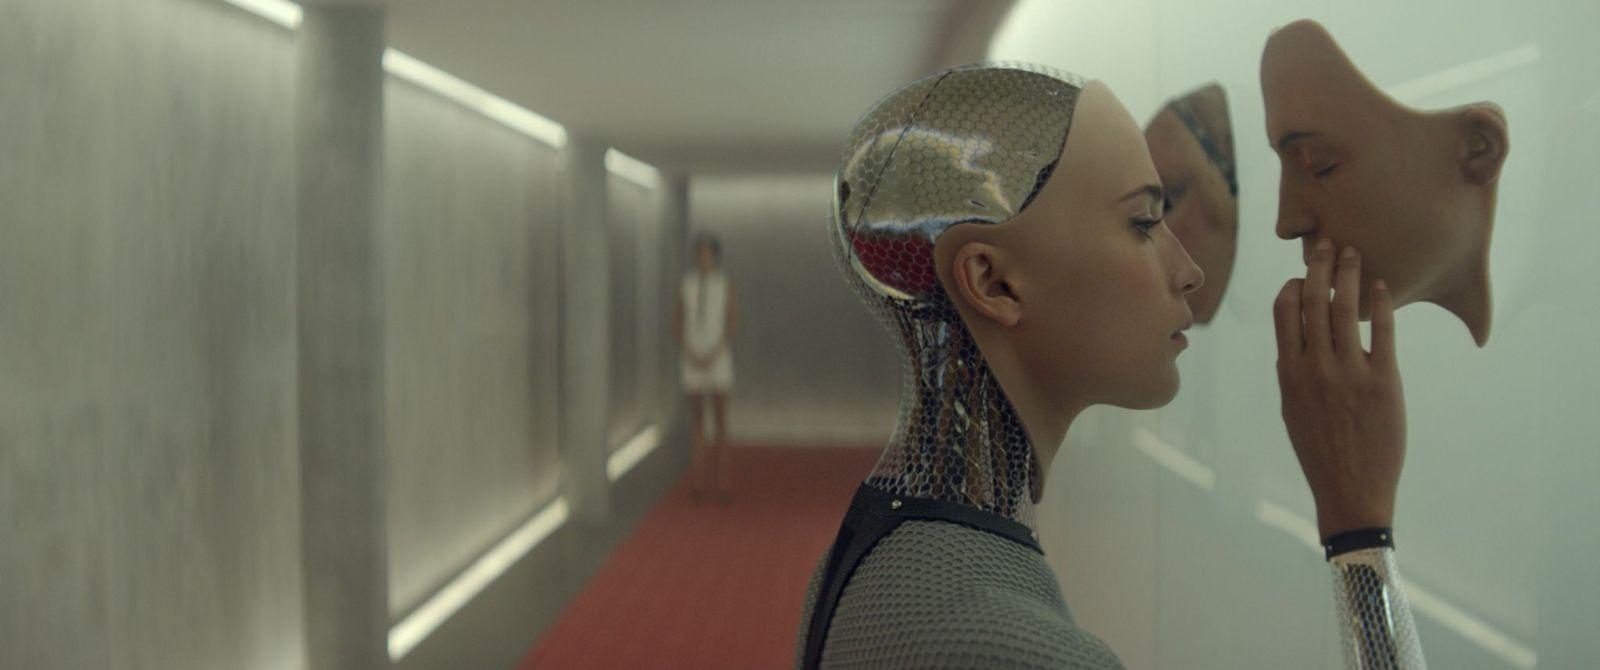 Ex Machina: Alicia Vikander in una scena del film fantascientifico